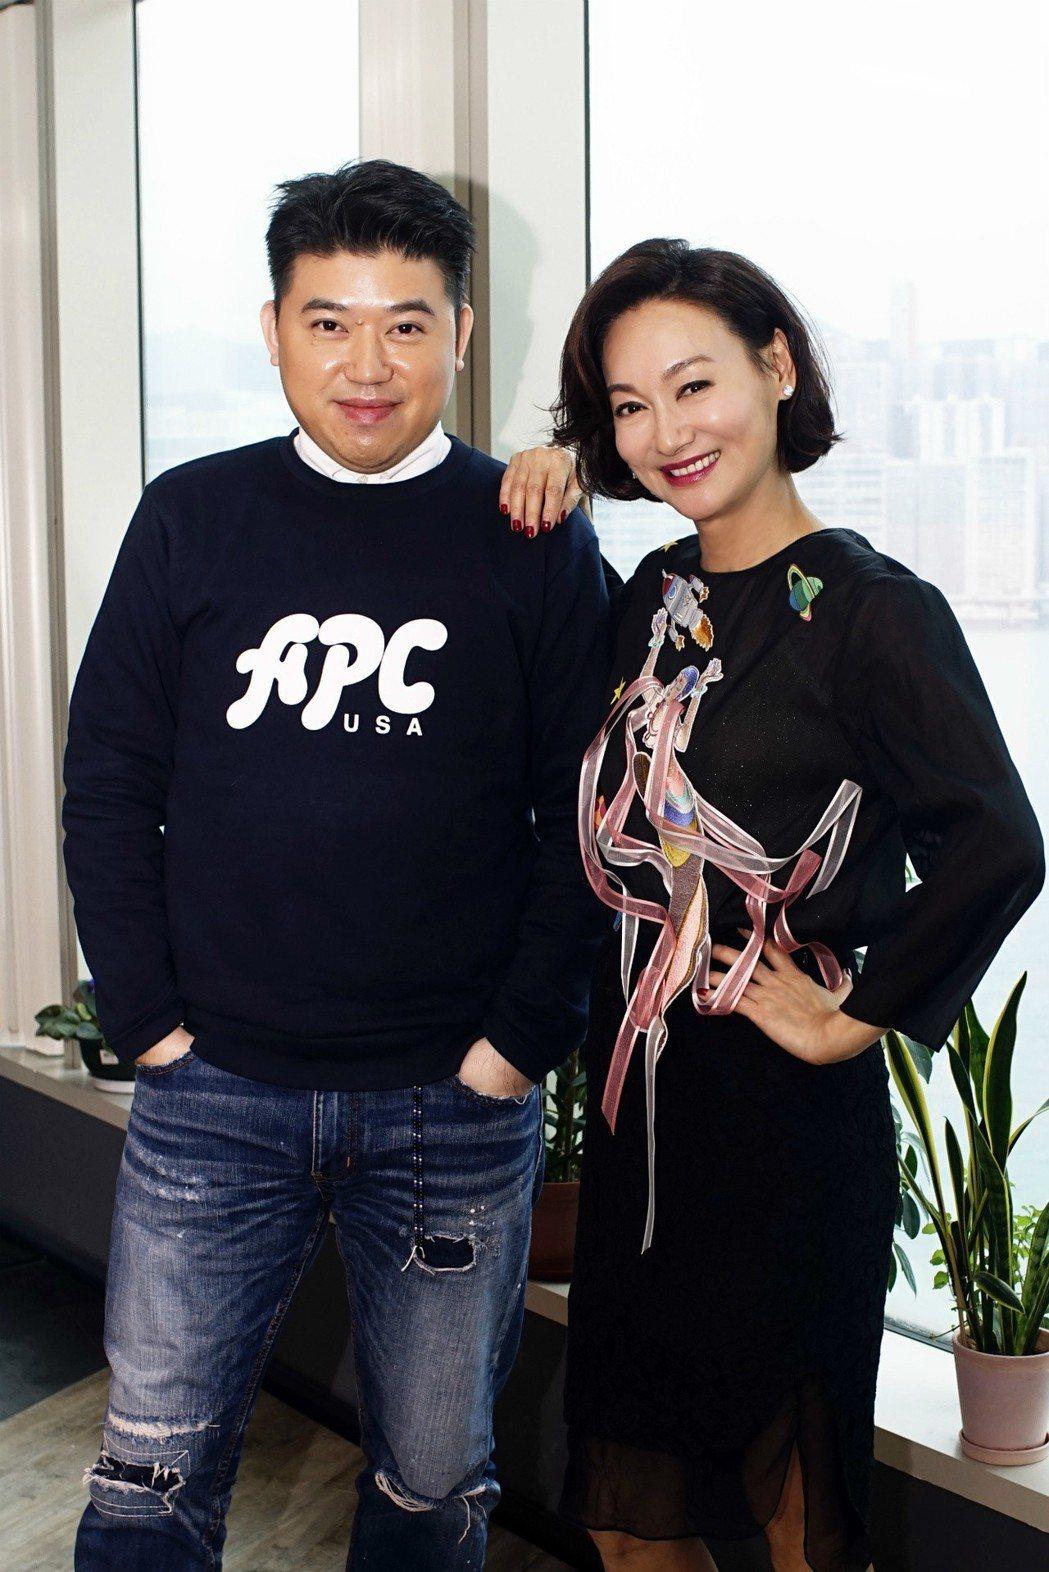 葉念琛為說服惠英紅演「心冤」,特別請吃鮑魚。圖/福斯傳媒提供